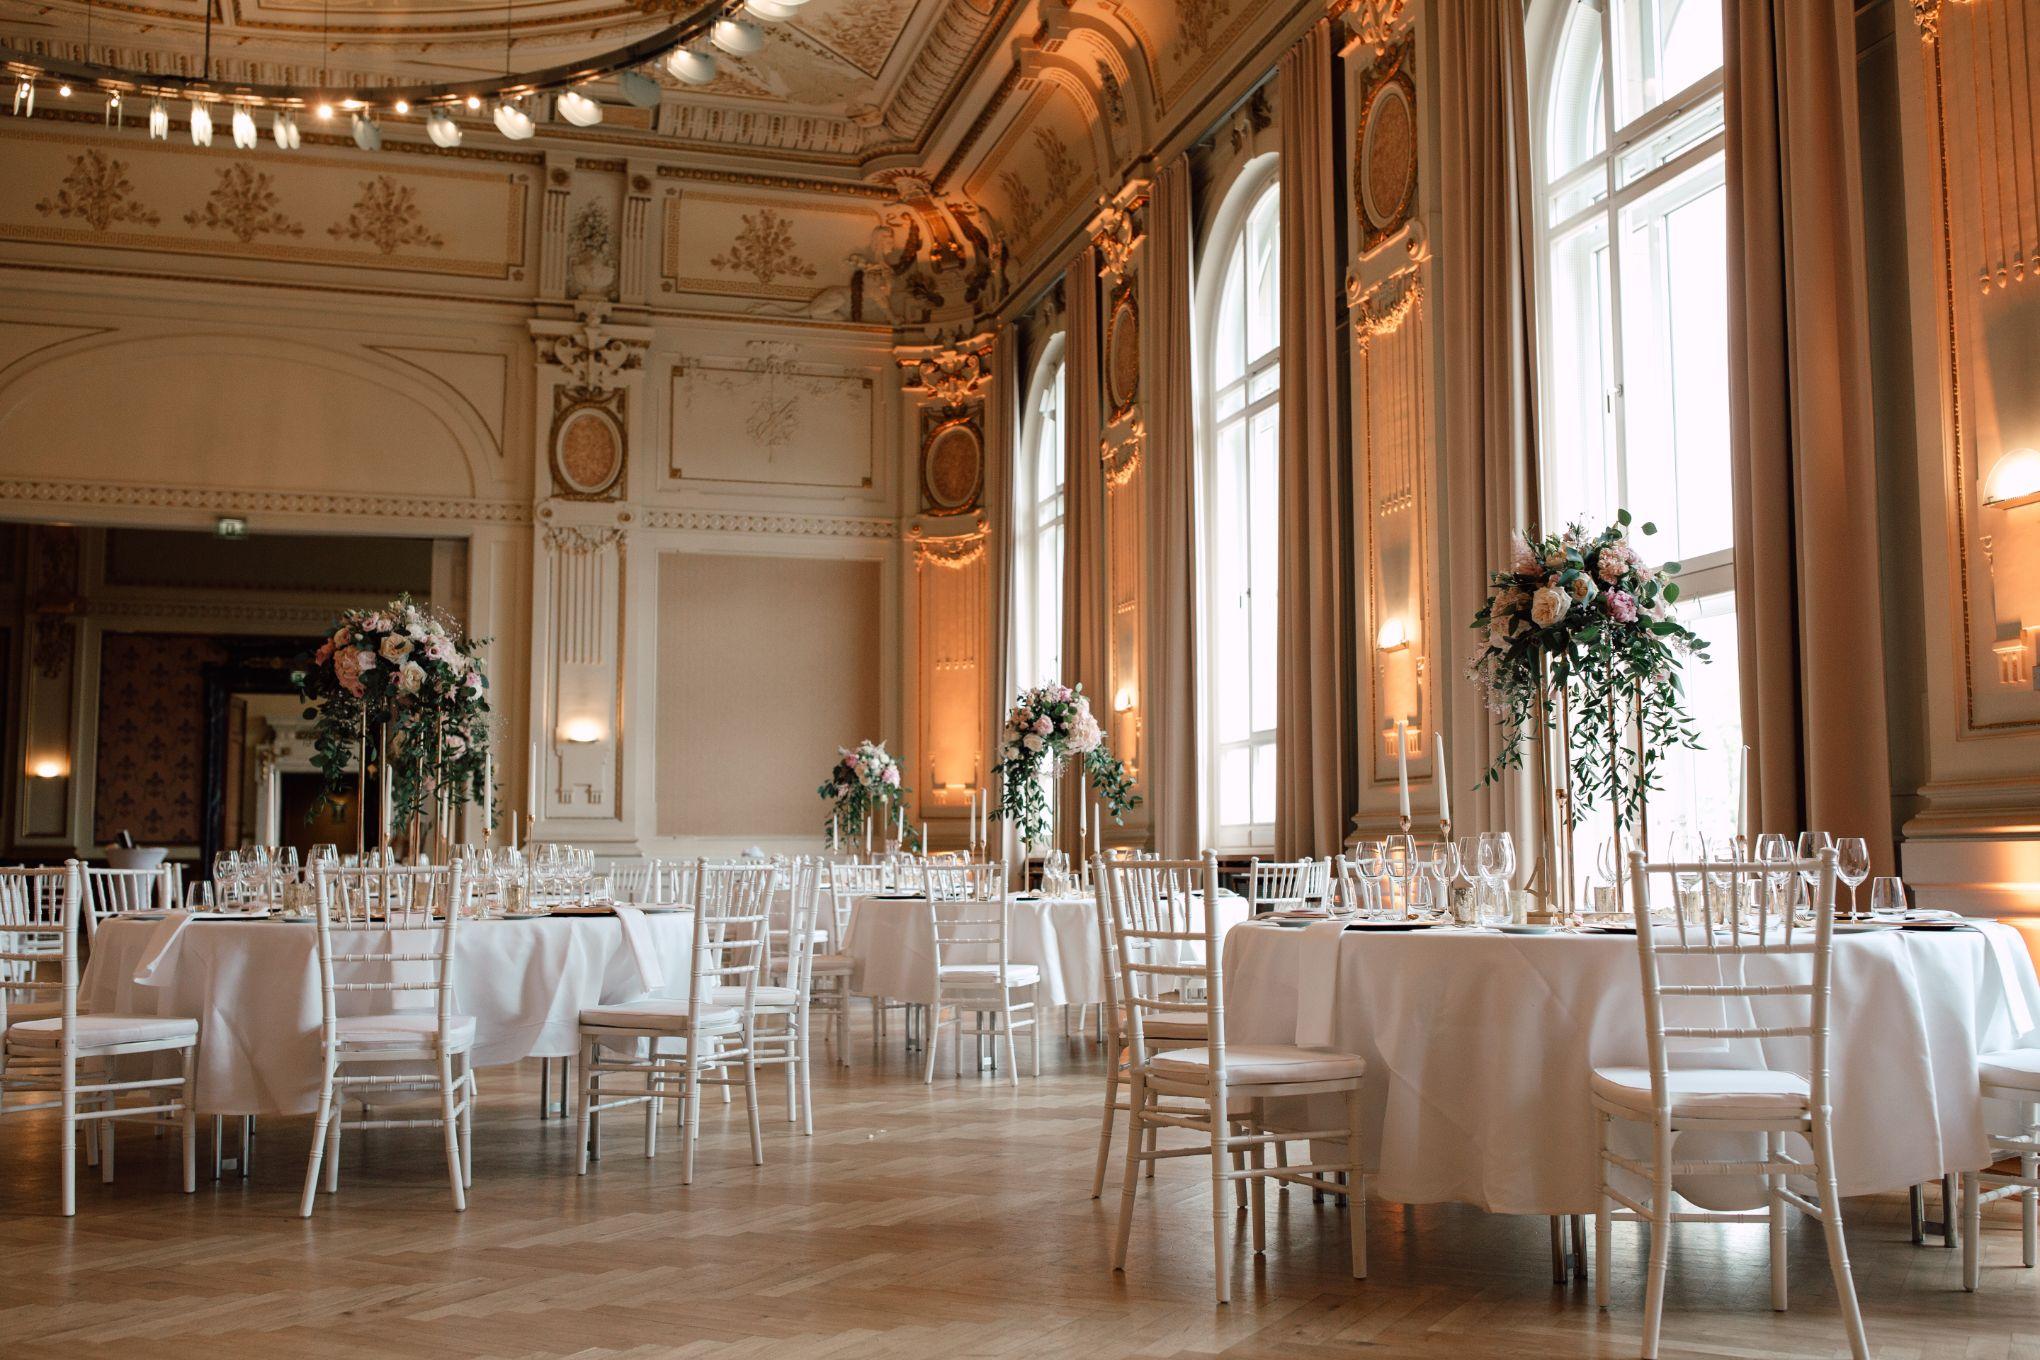 Hochzeit-Historische-Stadthalle-Wuppertal-The-Saums-KN-39.jpg